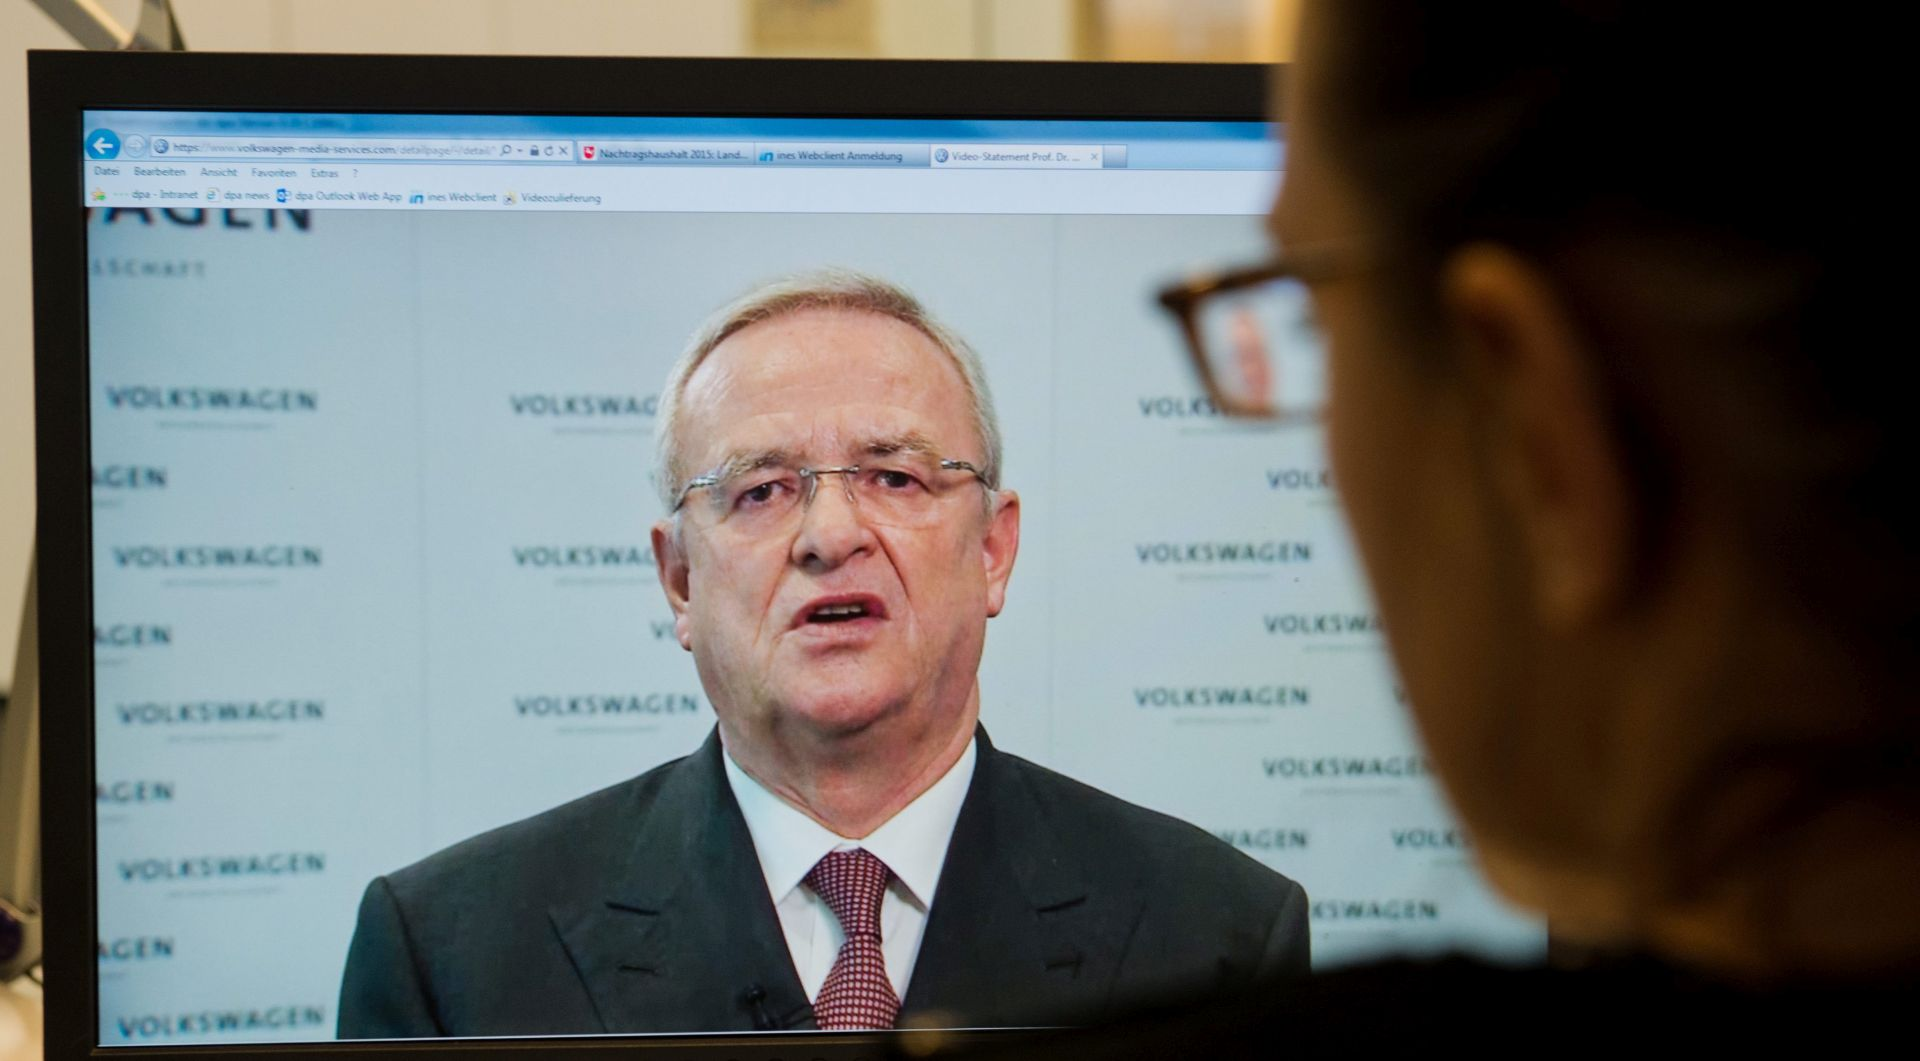 ZBOG SKANDALA U VOLKSWAGENU Izvršni direktor Martin Winterkorn podnio ostavku